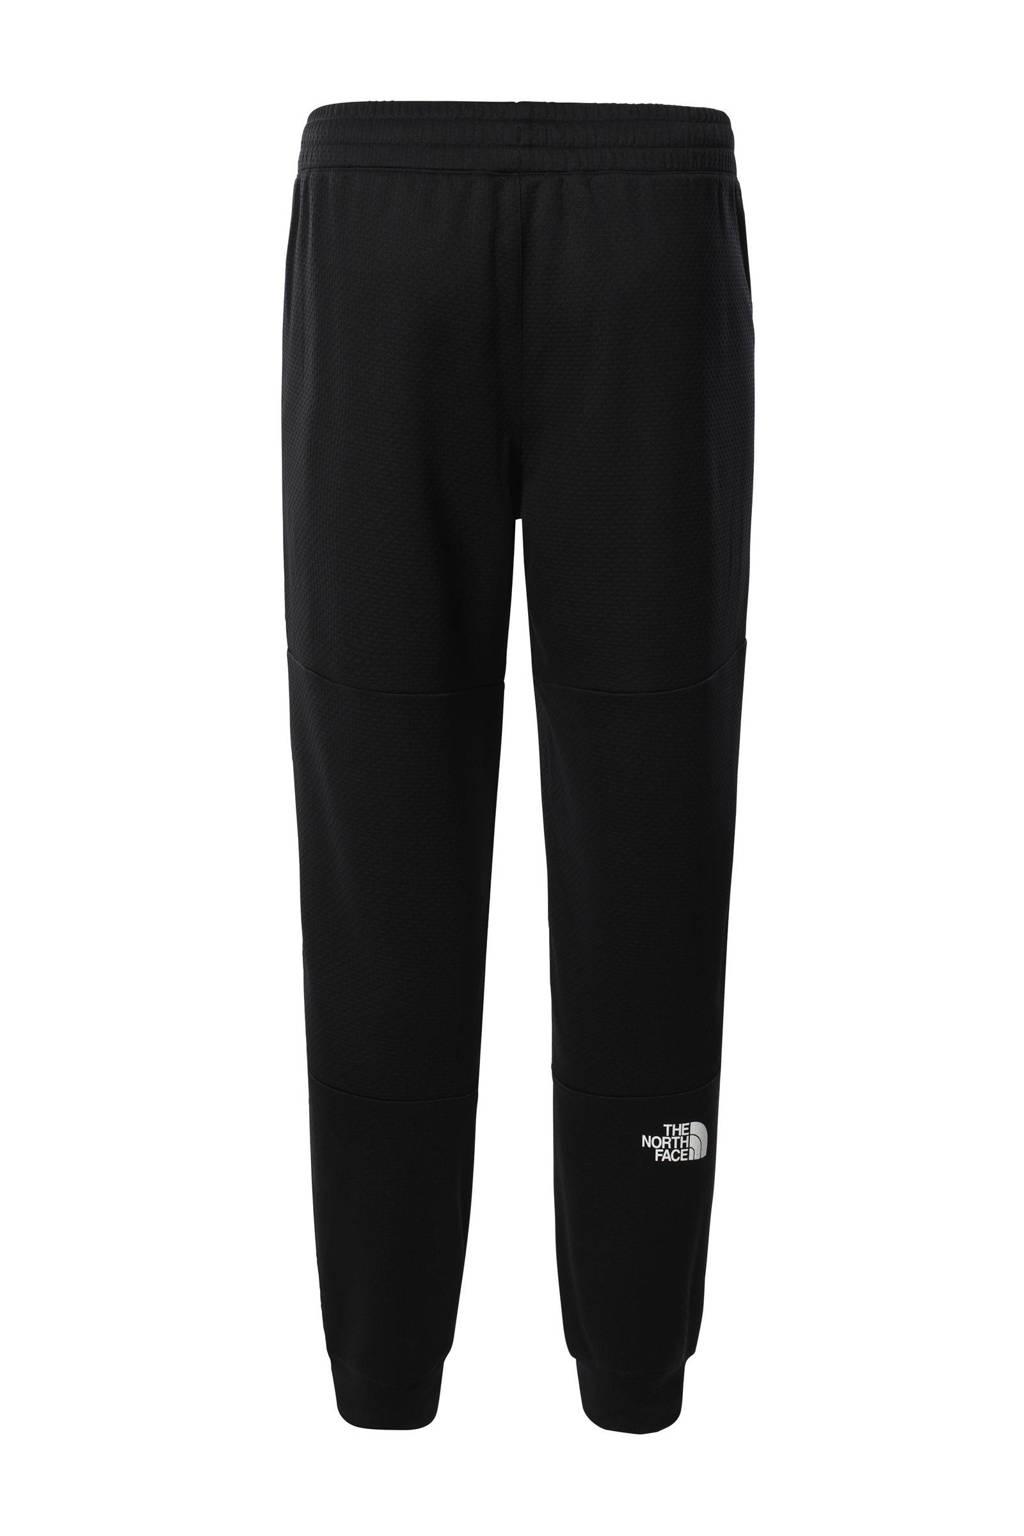 The North Face outdoor broek zwart, Zwart